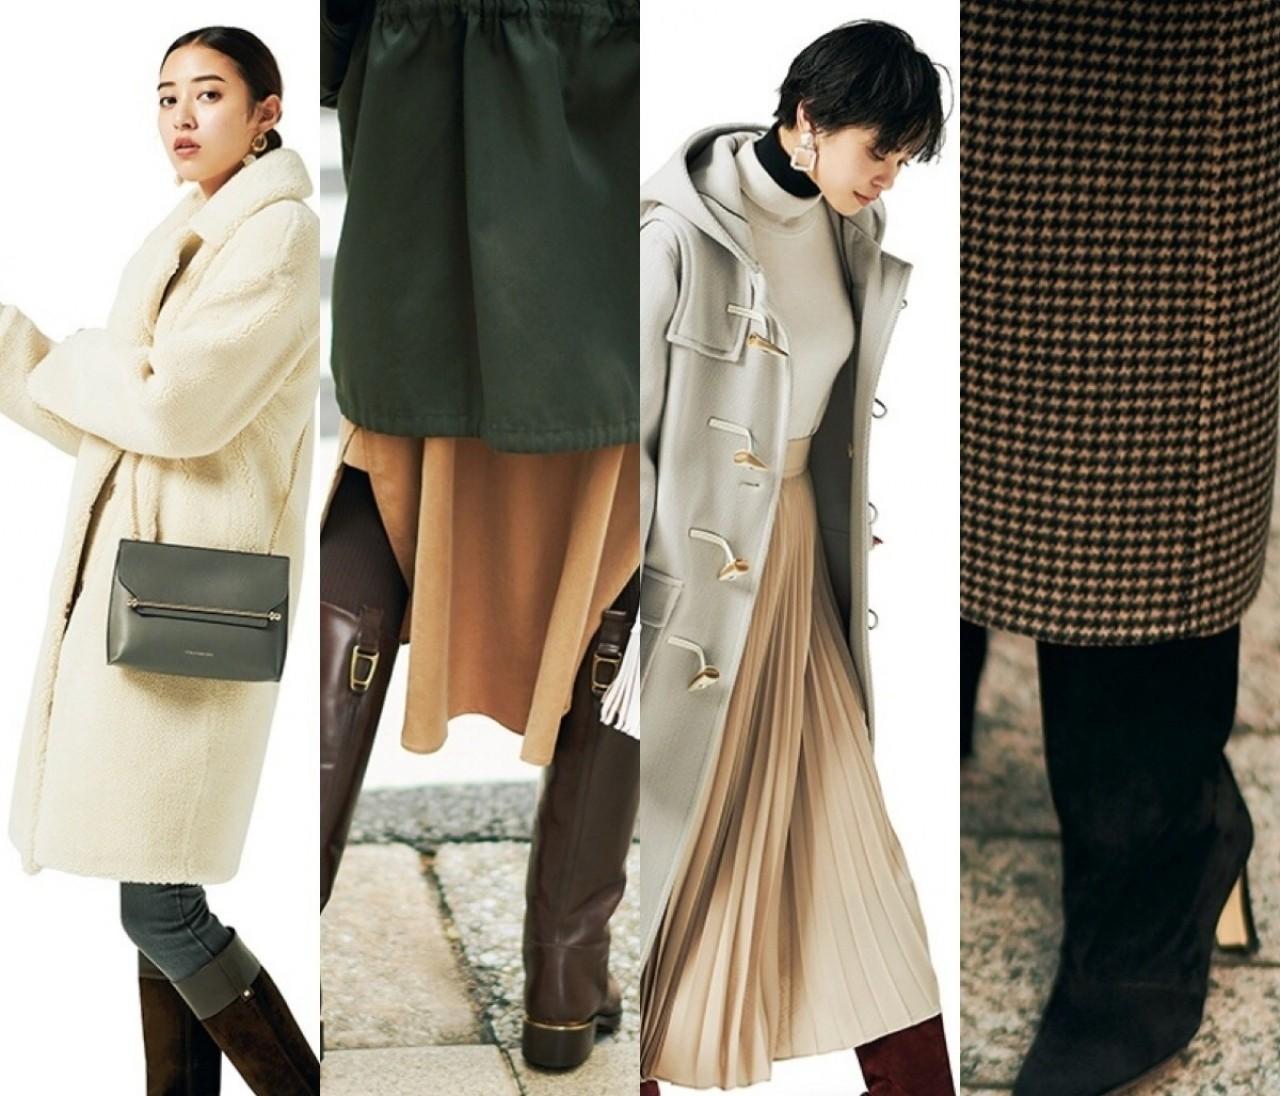 【ロングブーツ】最新コーデ17選! 古くさくならずに今季っぽく履くには?